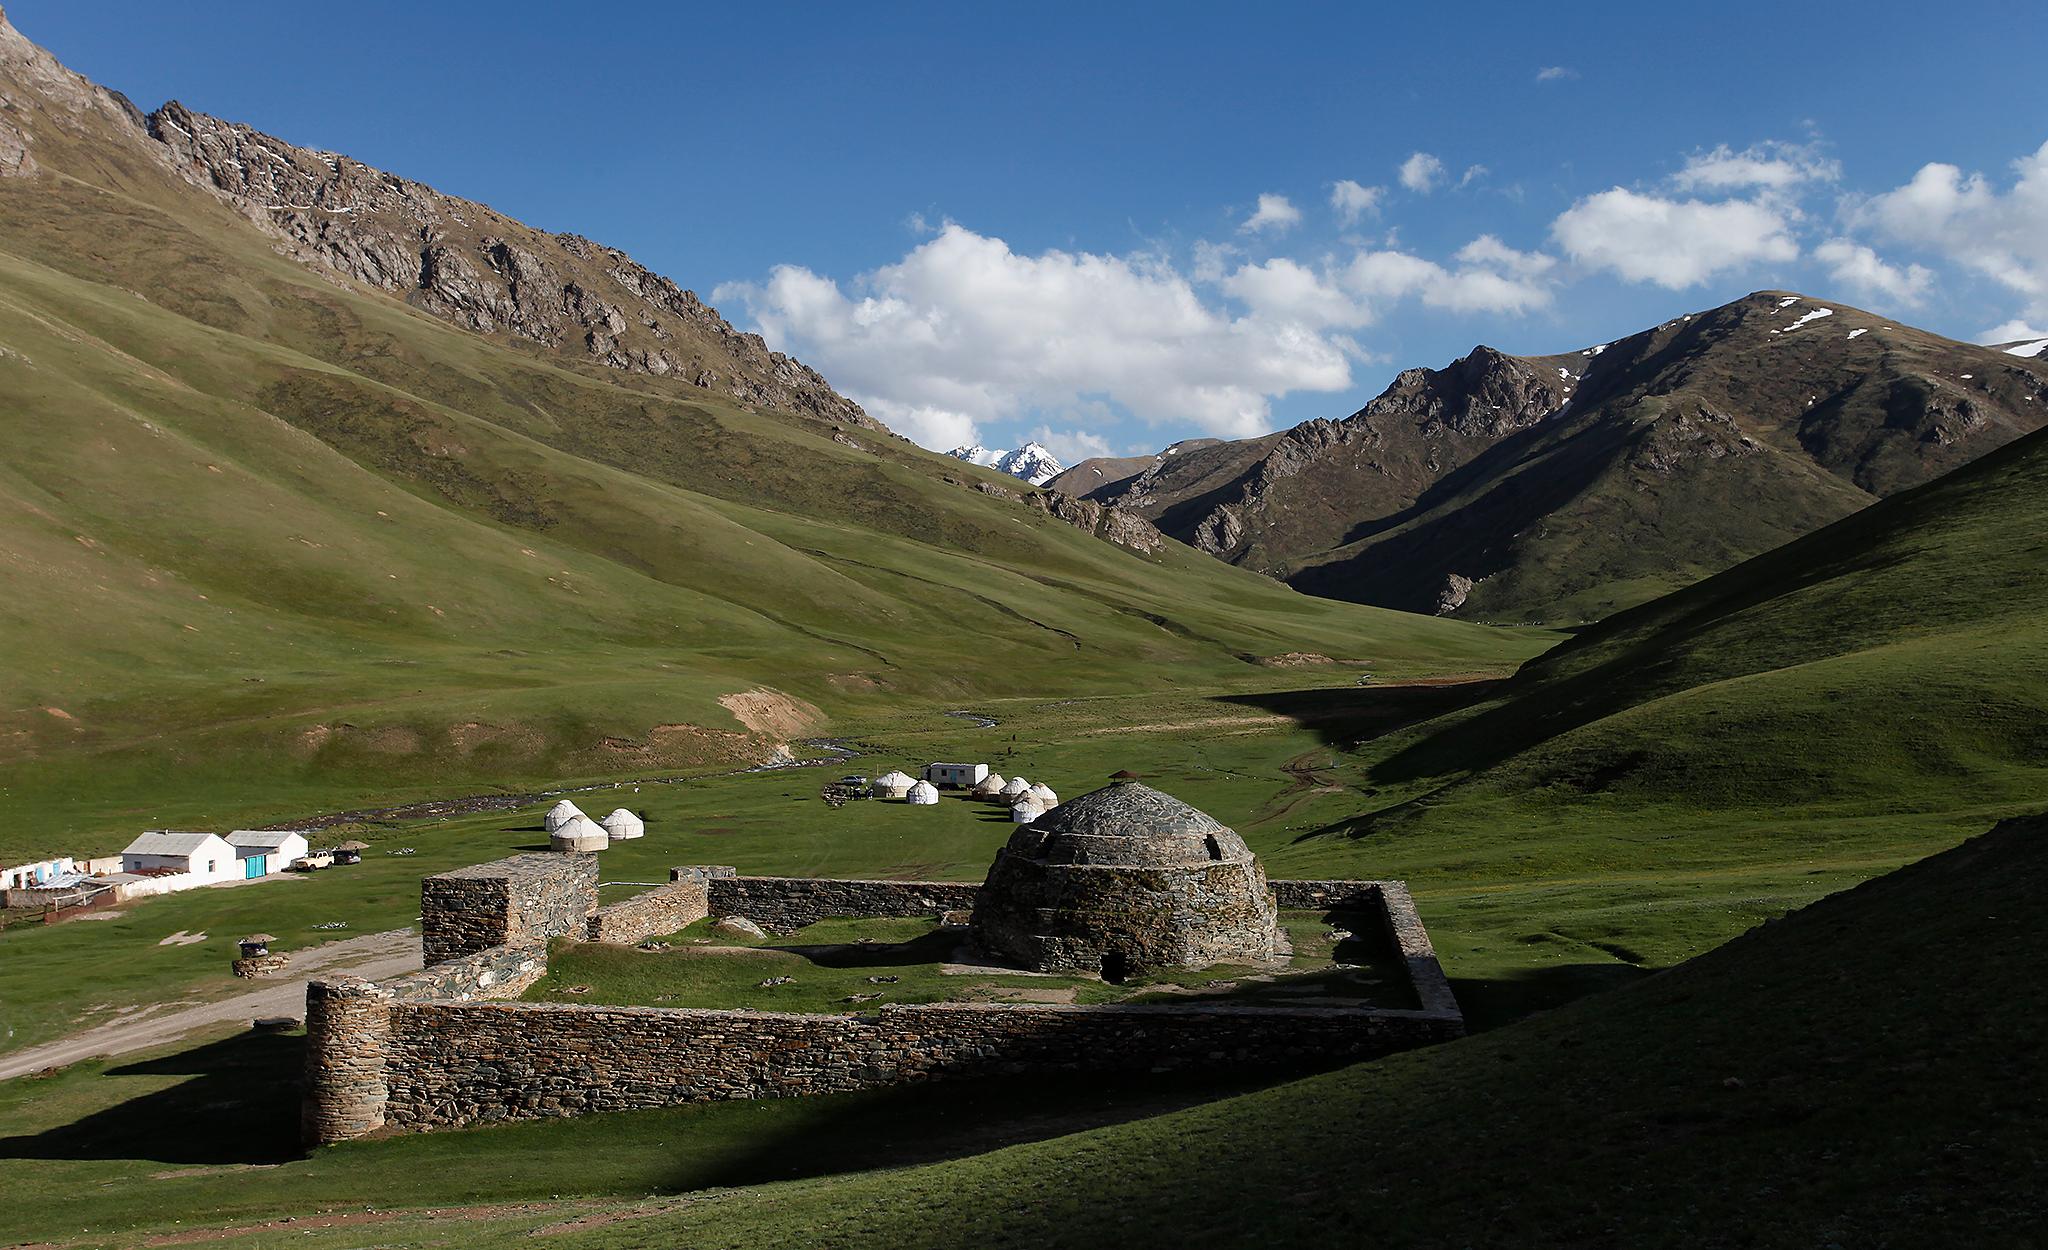 2012 / Tashrabat